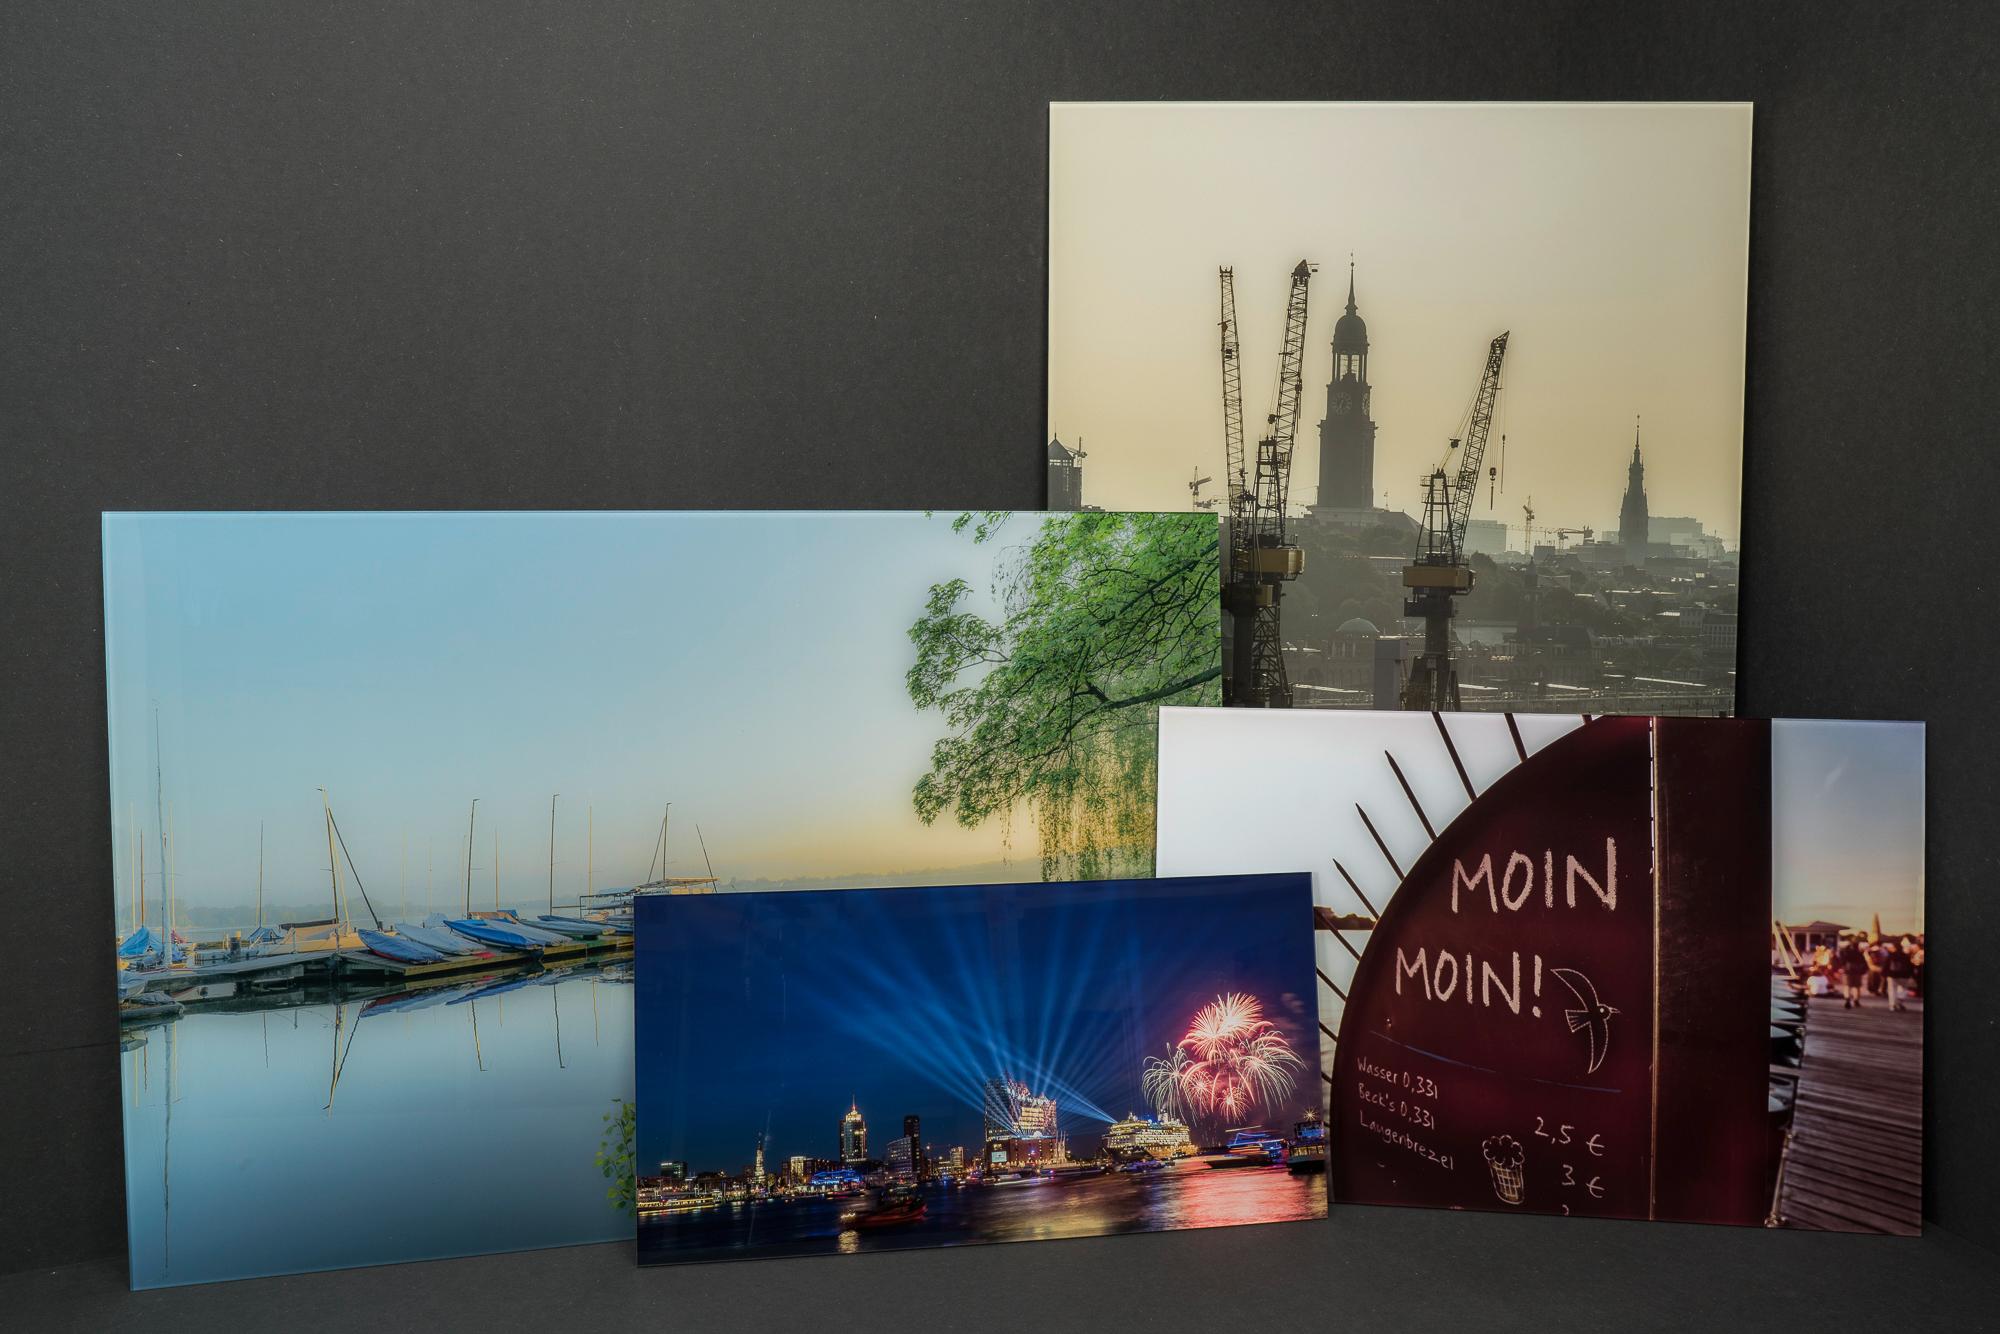 Hamburg Bilder als Galerieprint hinter Plexiglas